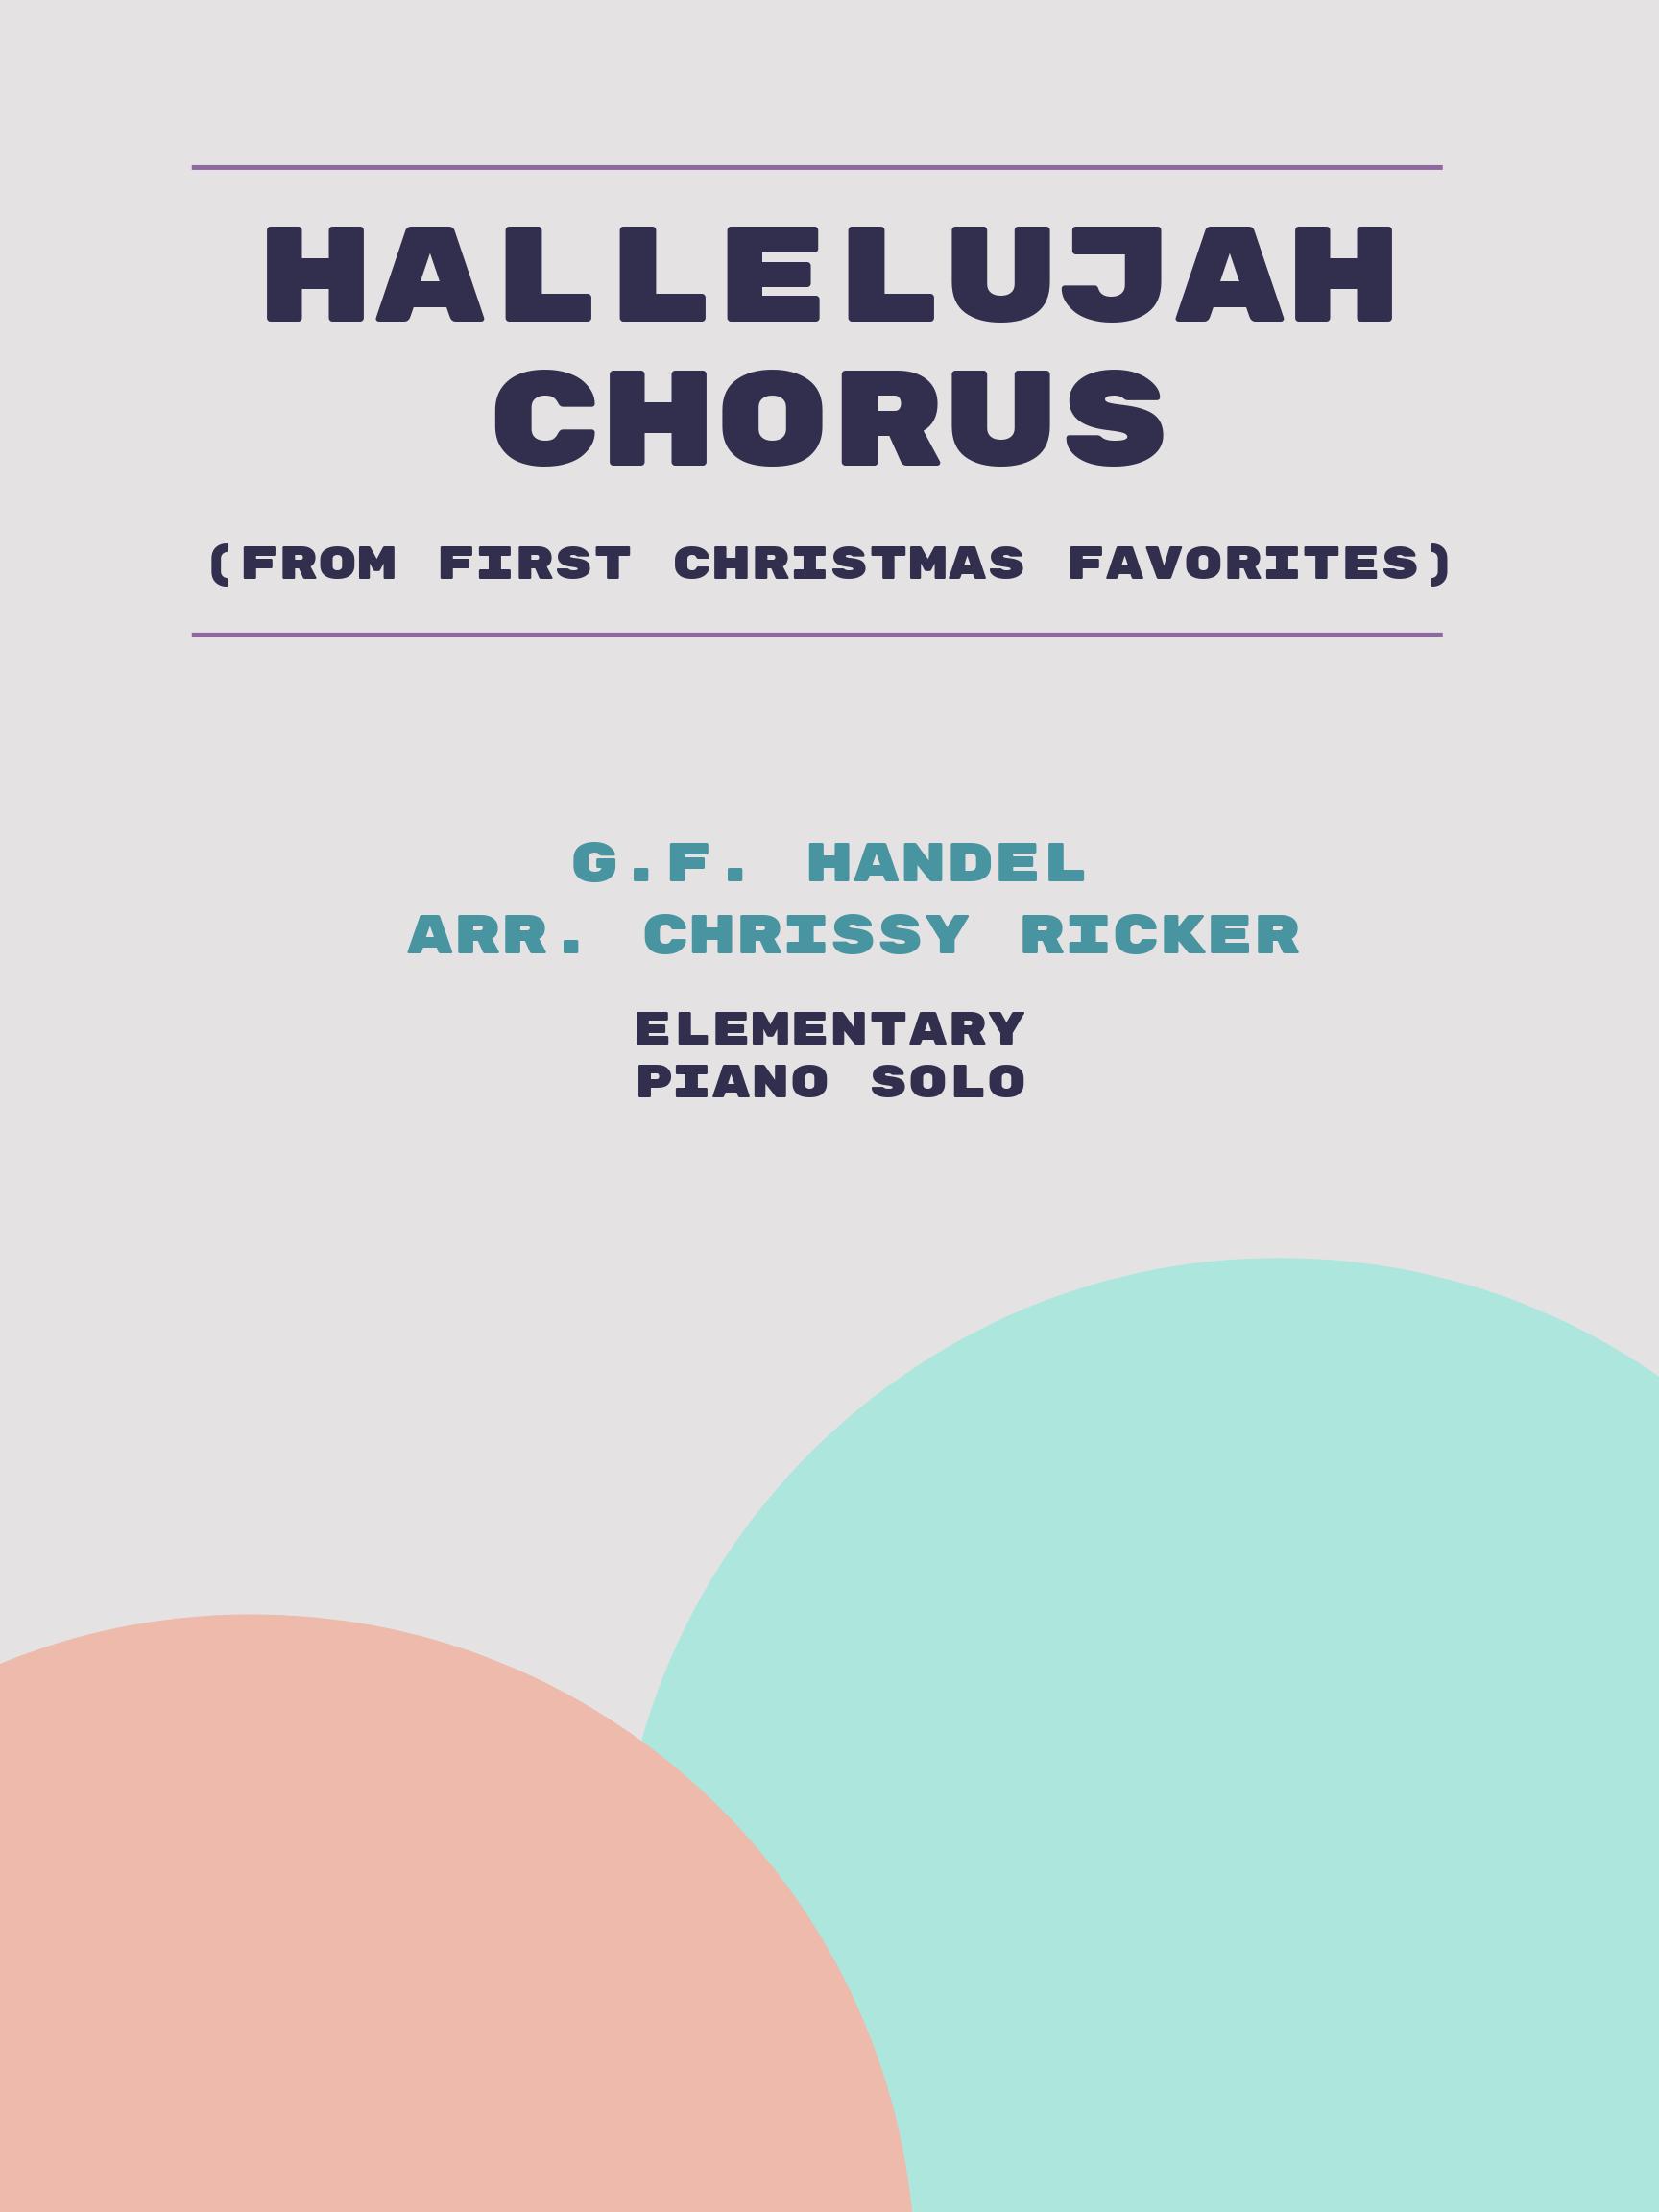 Hallelujah Chorus by G.F. Handel